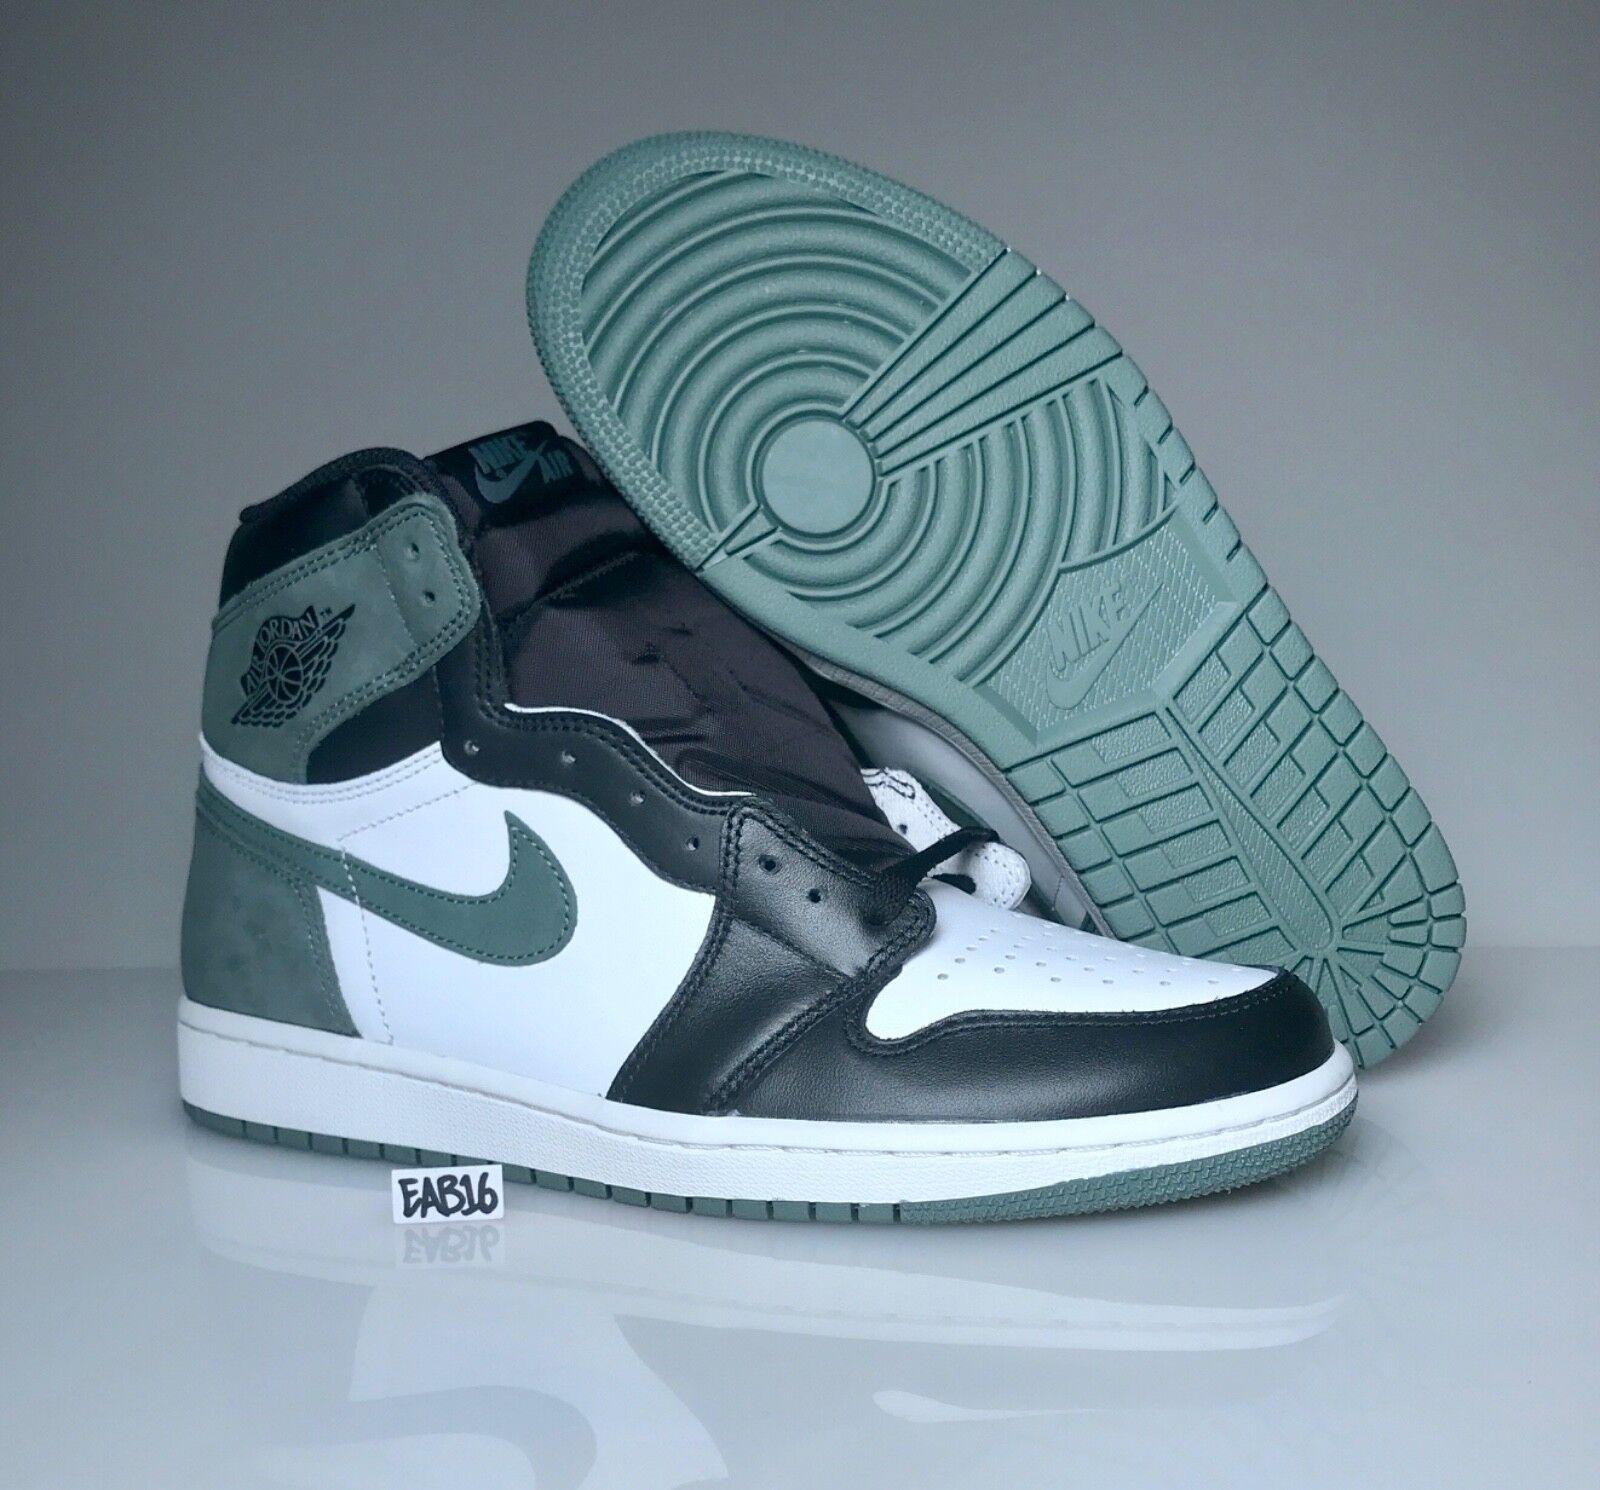 Nike Air Jordan Retro 1 OG Clay Green 555088 135 White Black Best Hand In Game best-selling model of the brand